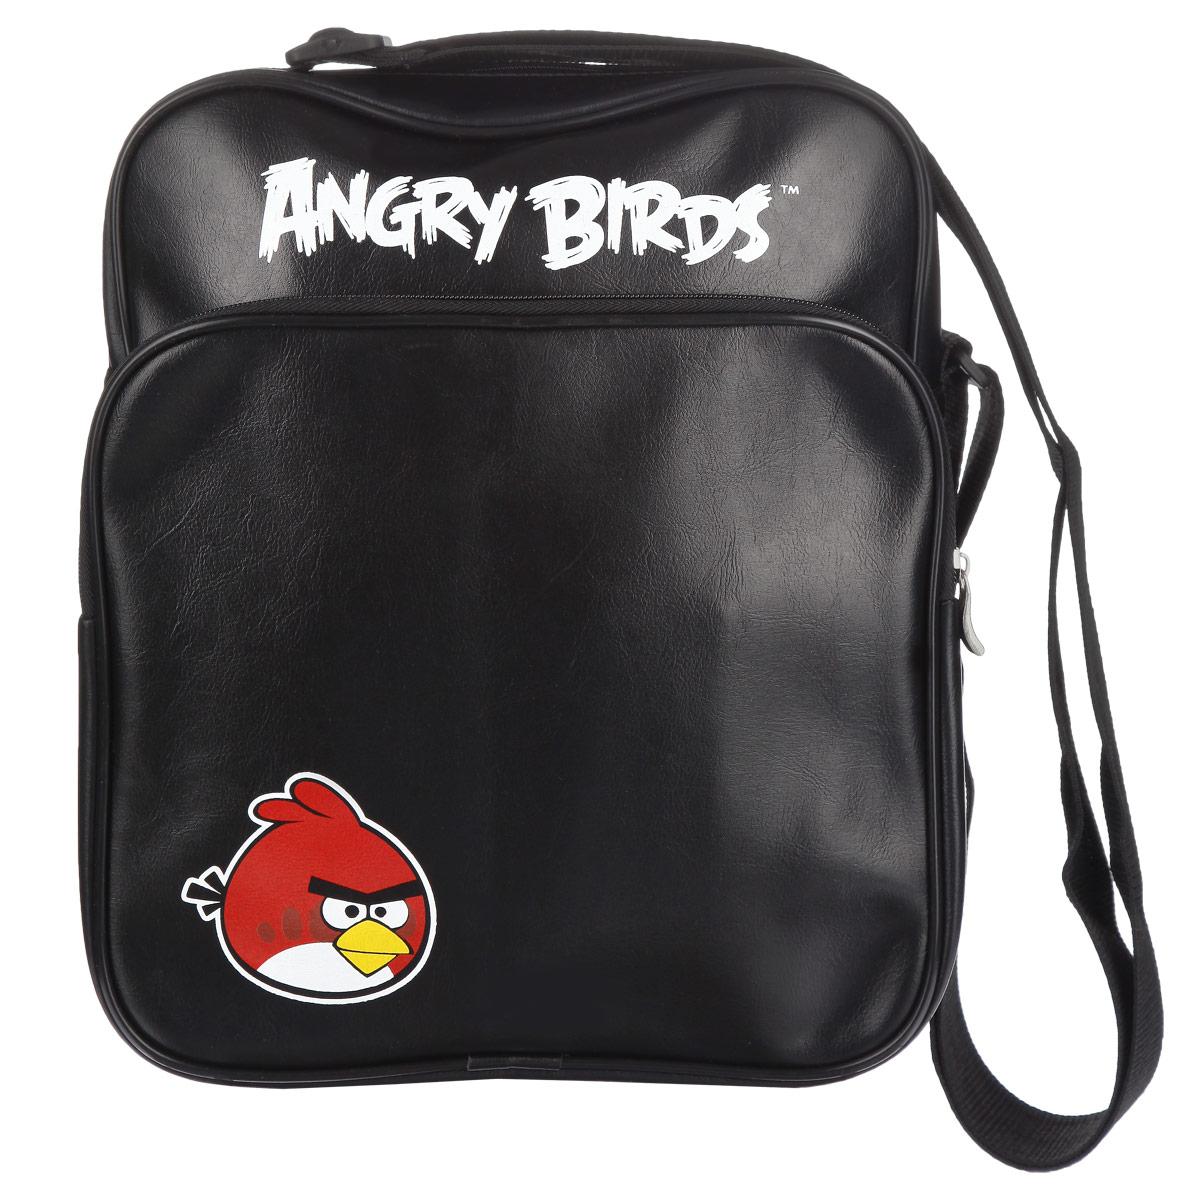 Сумка Angry Birds Красная птица, цвет: черный. 84812NRk_17091Сумка молодёжная Angry Birds Красная птица сочетает в себе современный дизайн, функциональность и долговечность. Сумка выполнена из кожзаменителя и содержит одно вместительное отделение, застегивающееся на застежку-молнию. Внутри имеется дополнительный карман-разделитель на молнии.На лицевой стороне сумки находятся карман на застежке-молнии. Внутри имеется нашивной карман и фиксаторы для пишущих принадлежностей. На задней стороне сумка имеет дополнительный карман на молнии.Сумка оснащена плечевым ремнем, регулируемой длины.